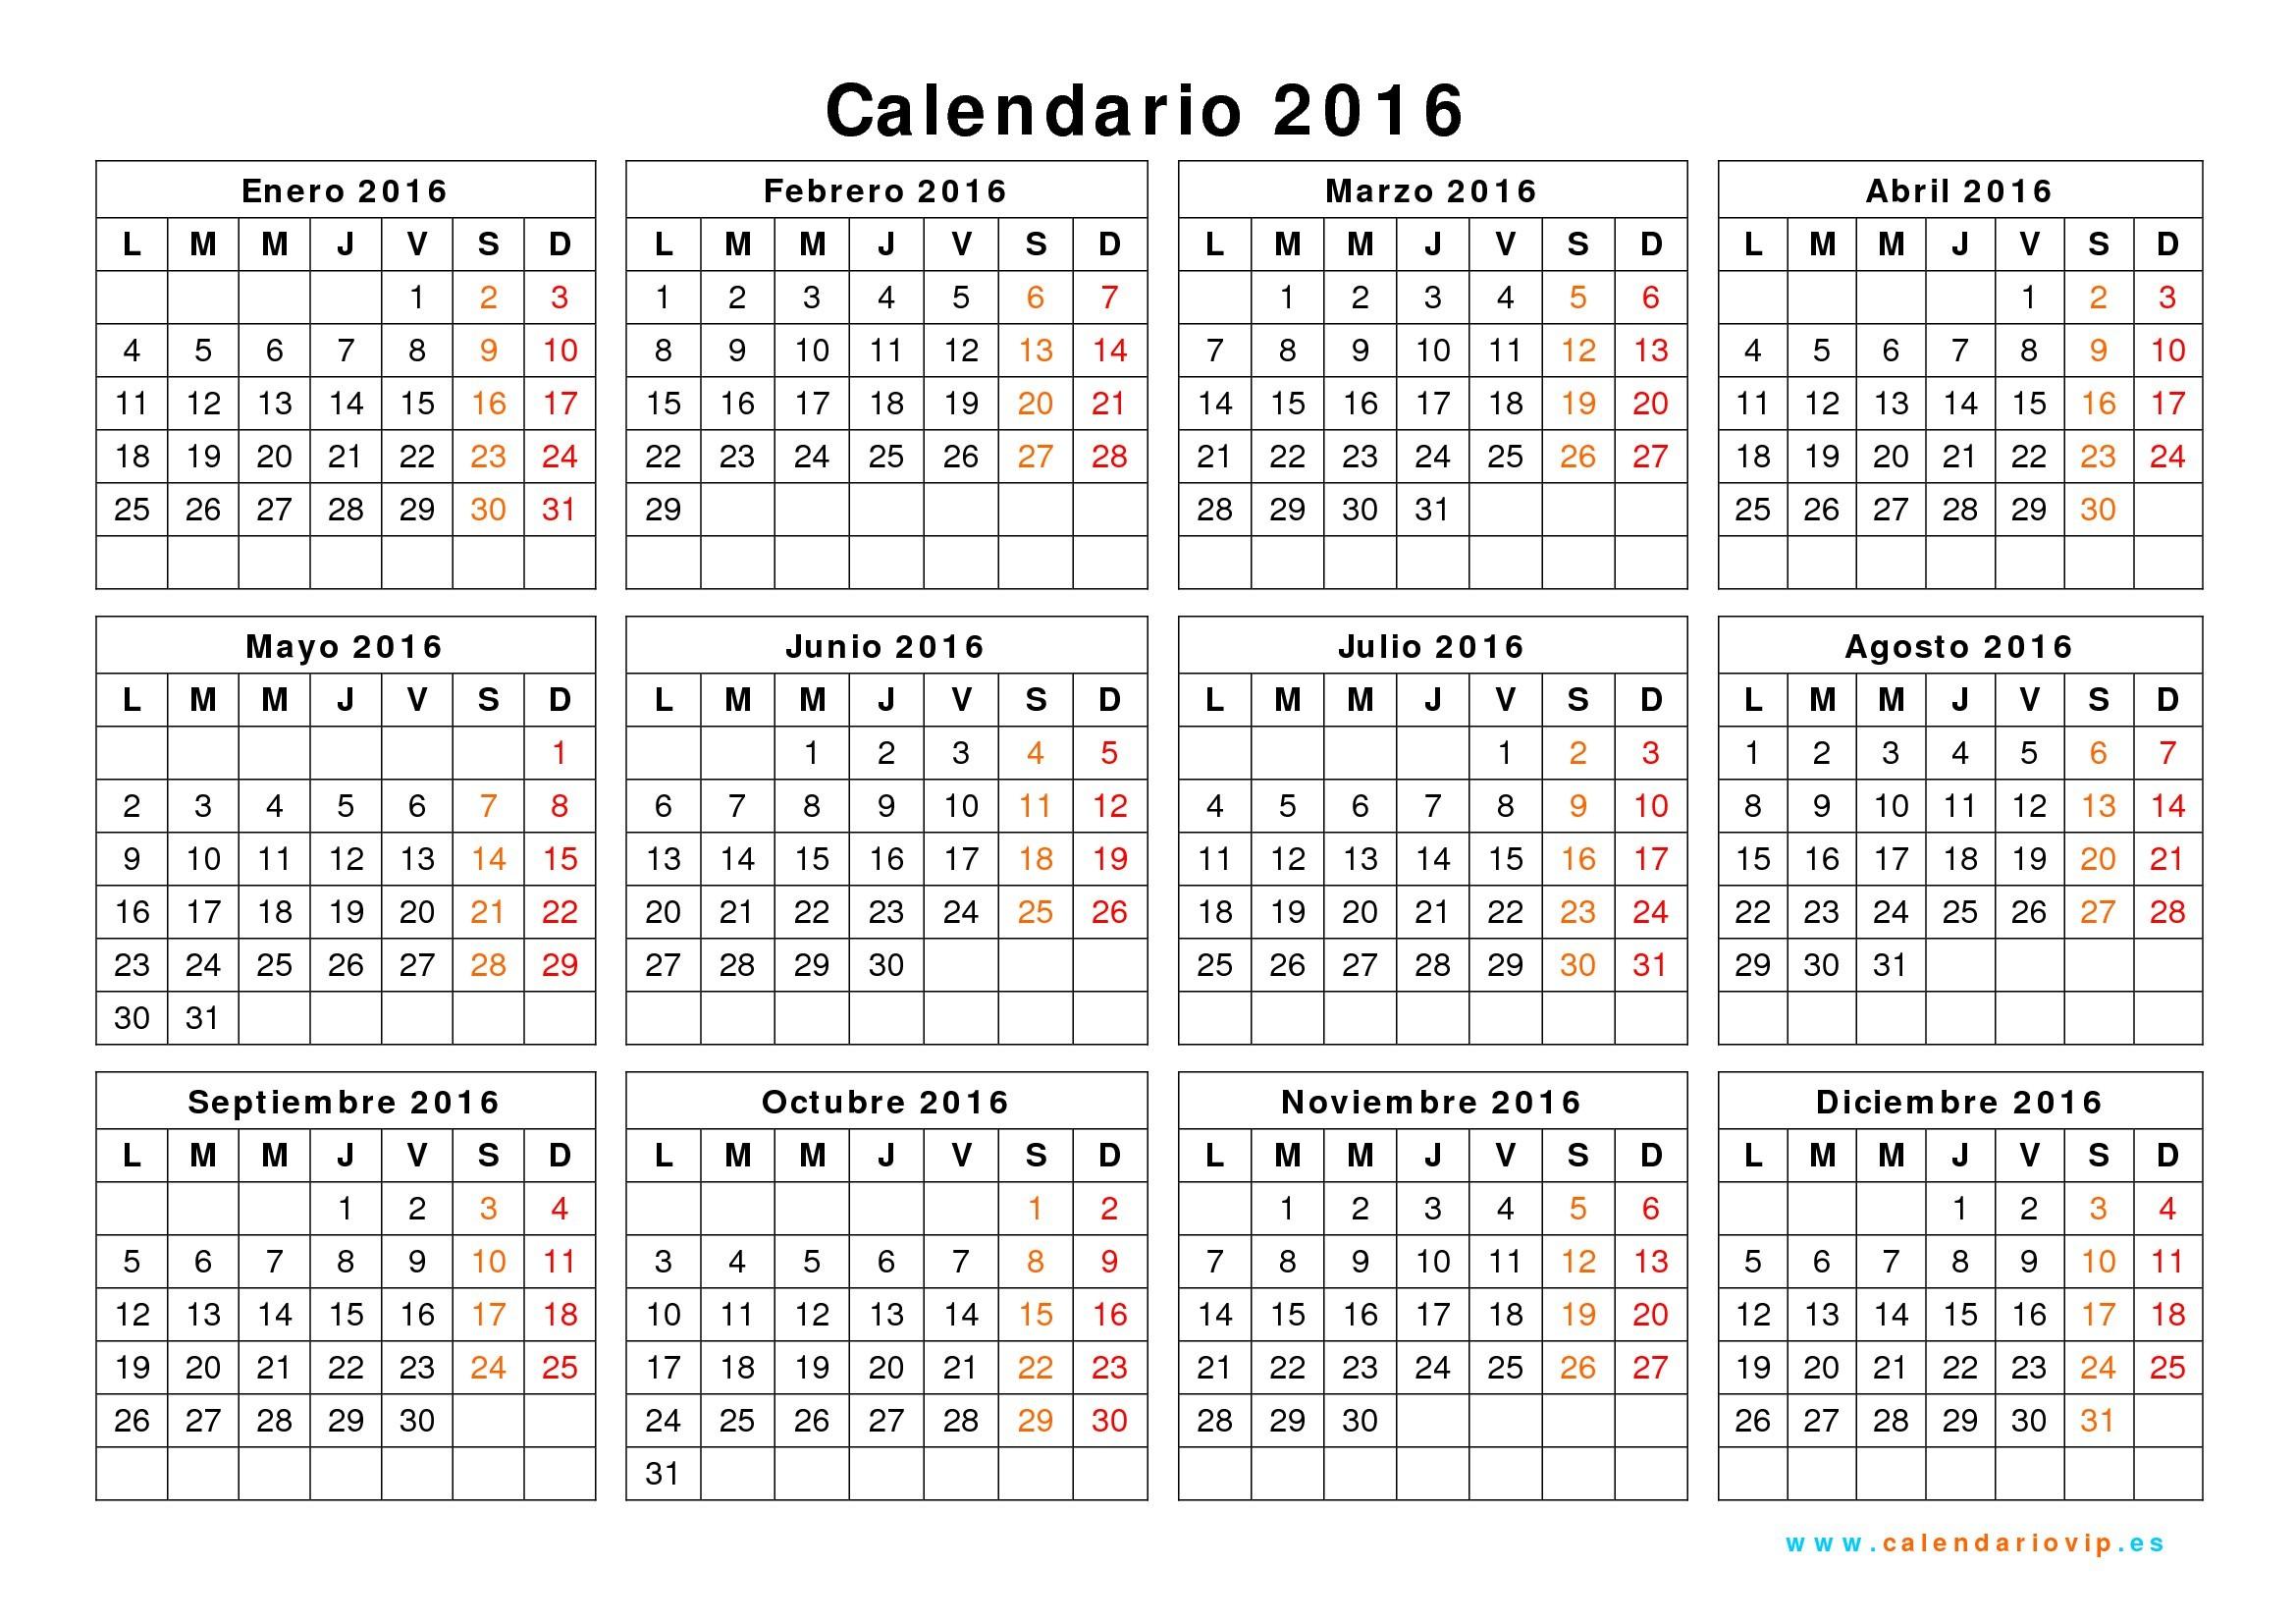 calendario 2016 para imprimir gratis